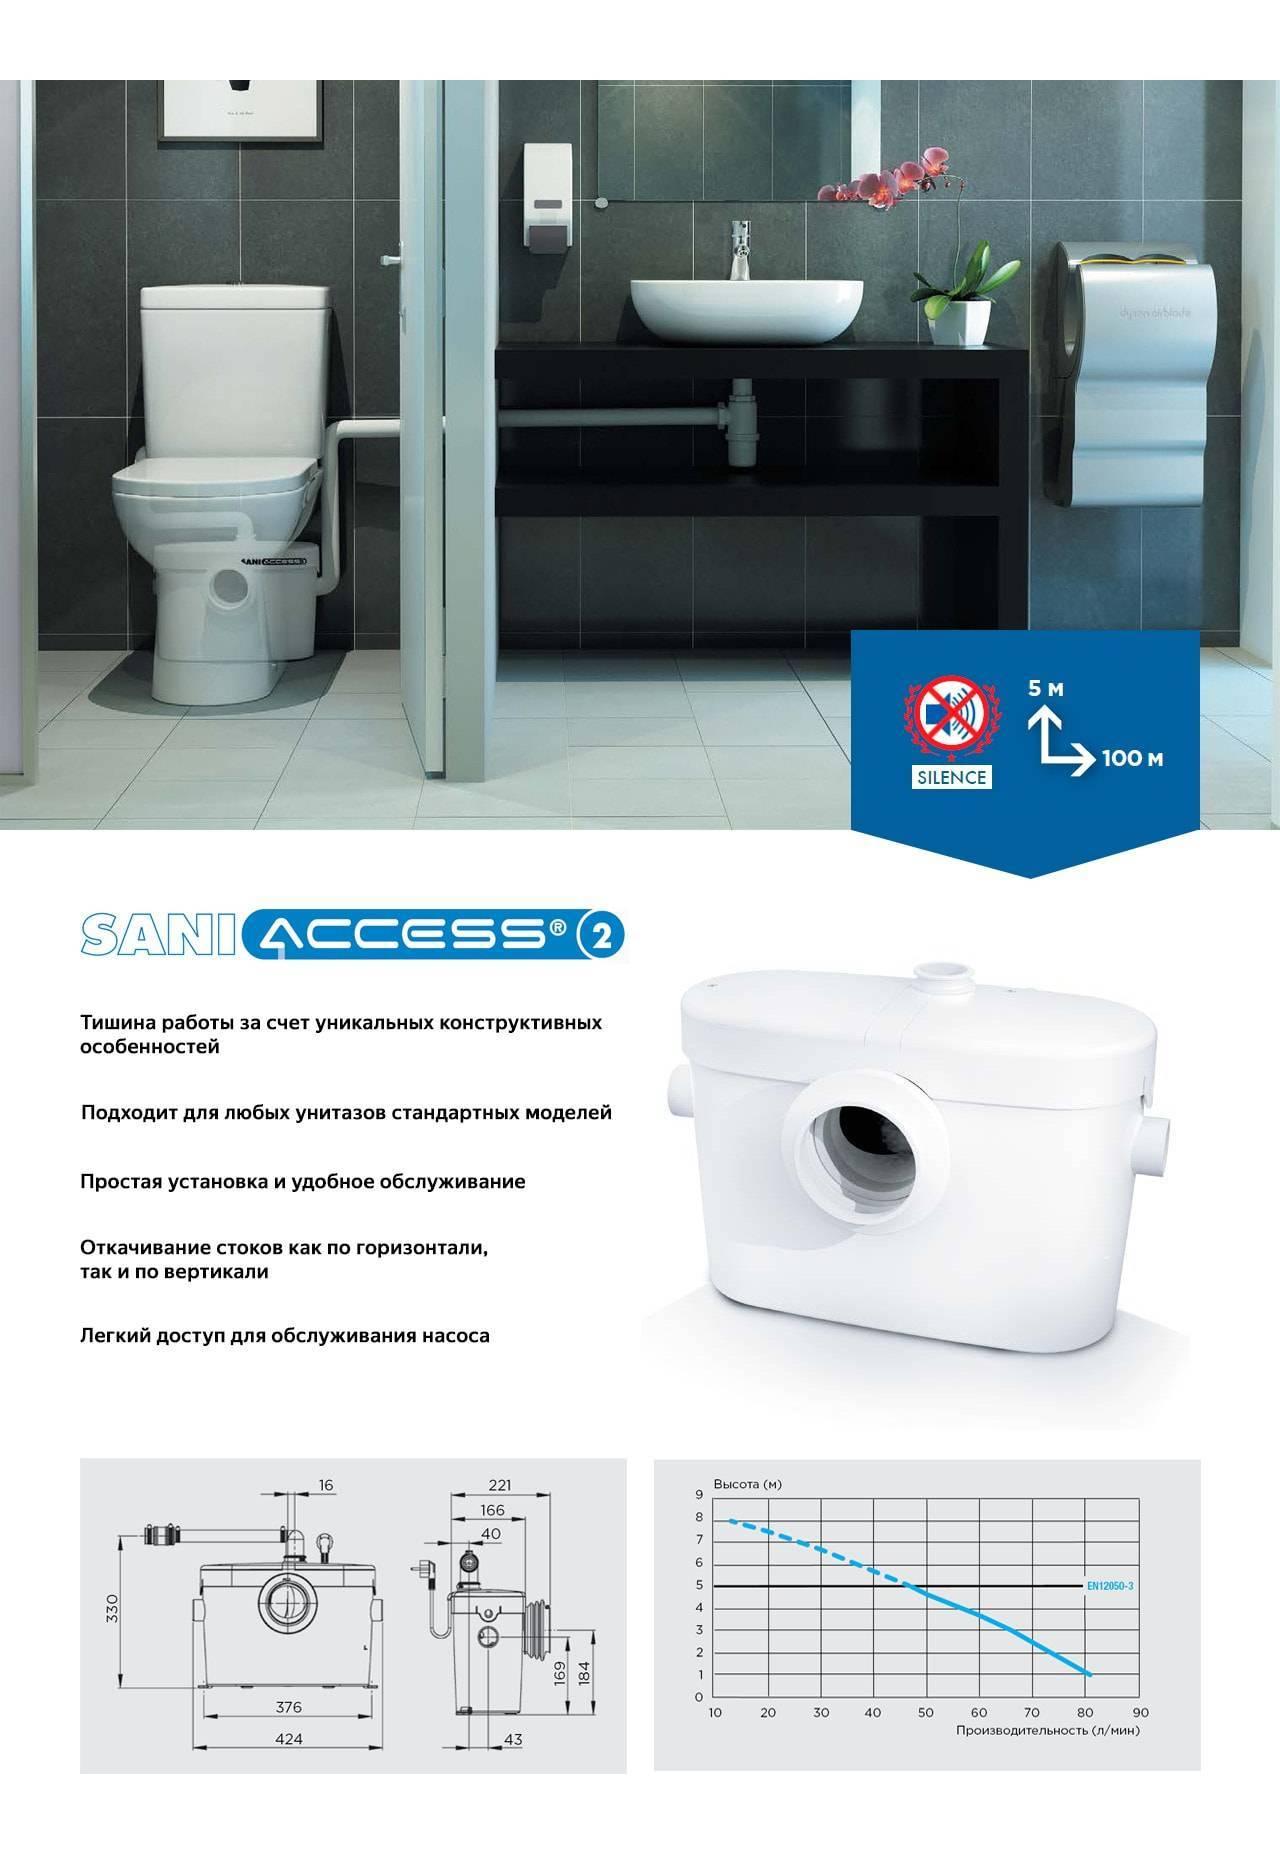 Насос для канализации в квартире для кухни: особенности монтажа, характеристики, выбор